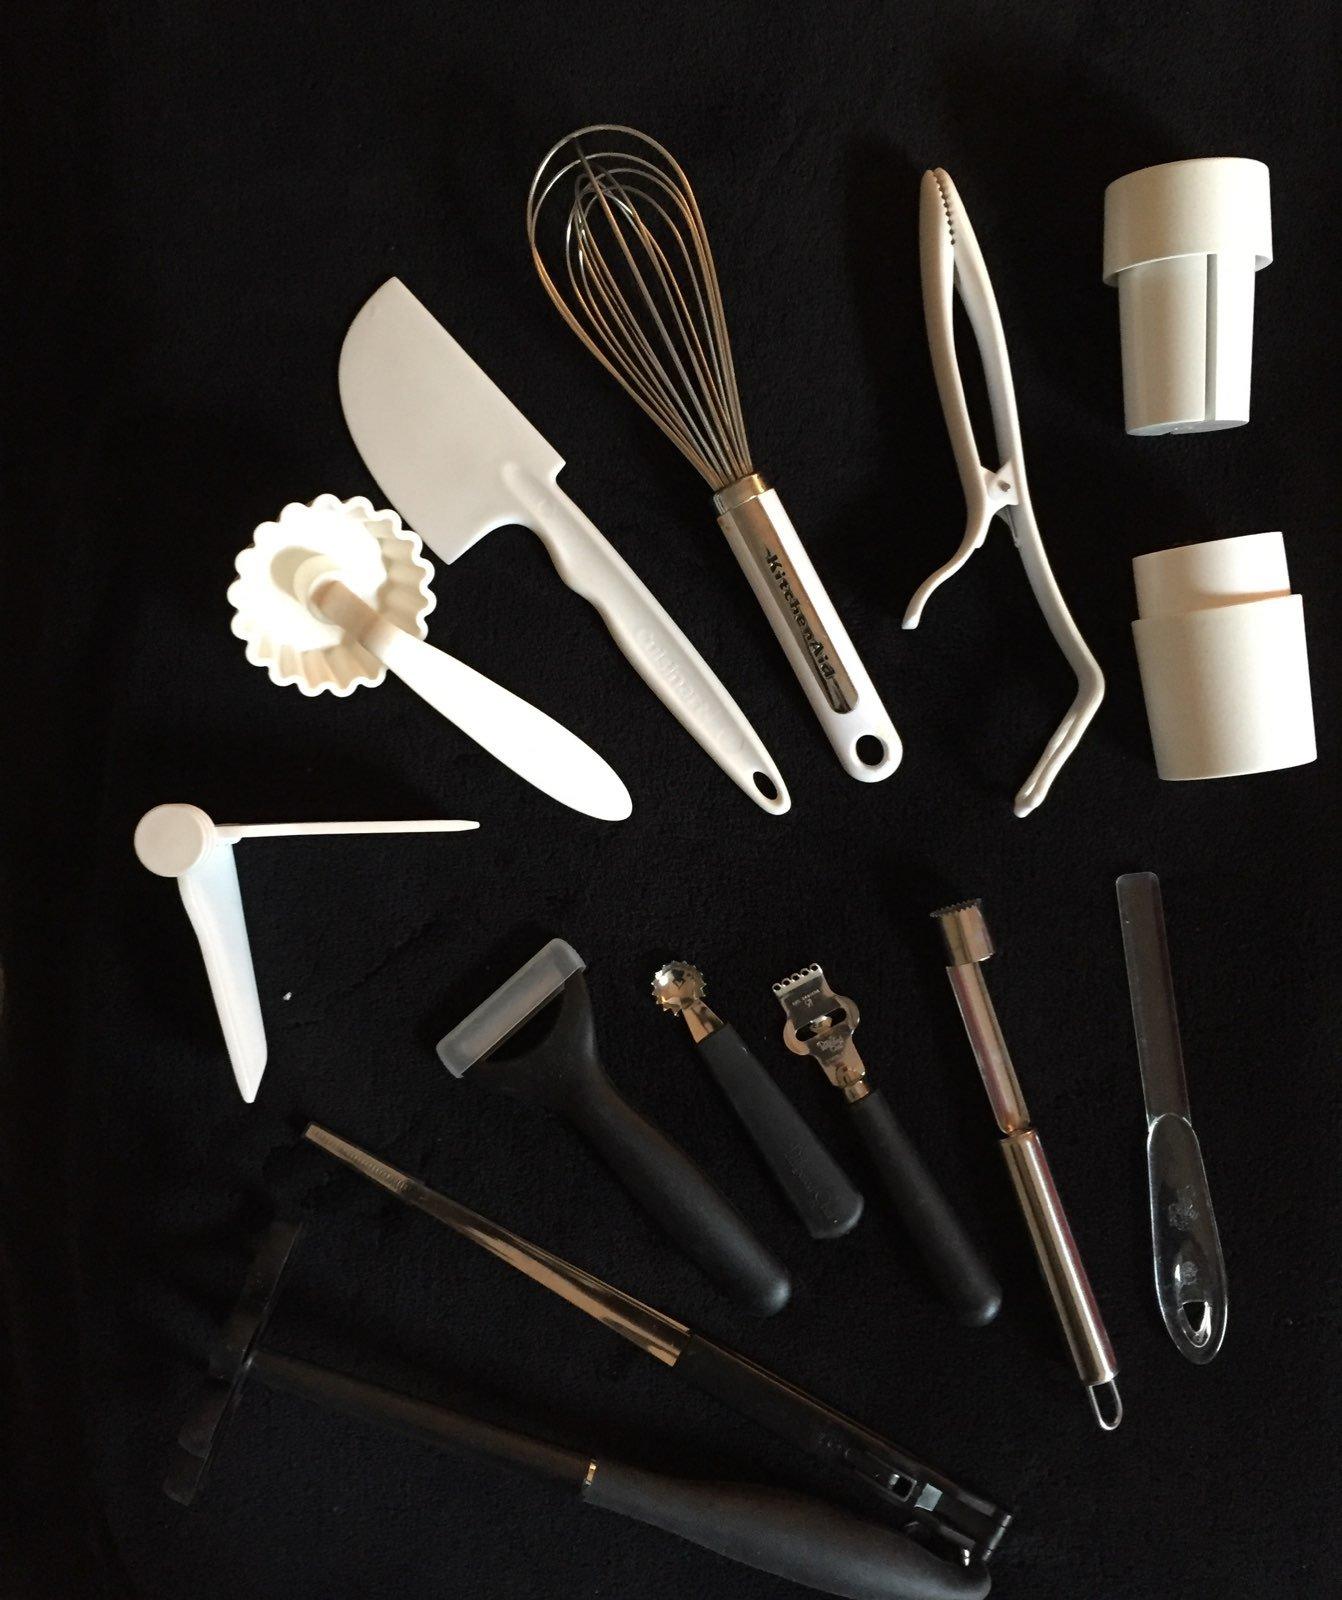 14 Kitchen Utensils Some Pampered Chef